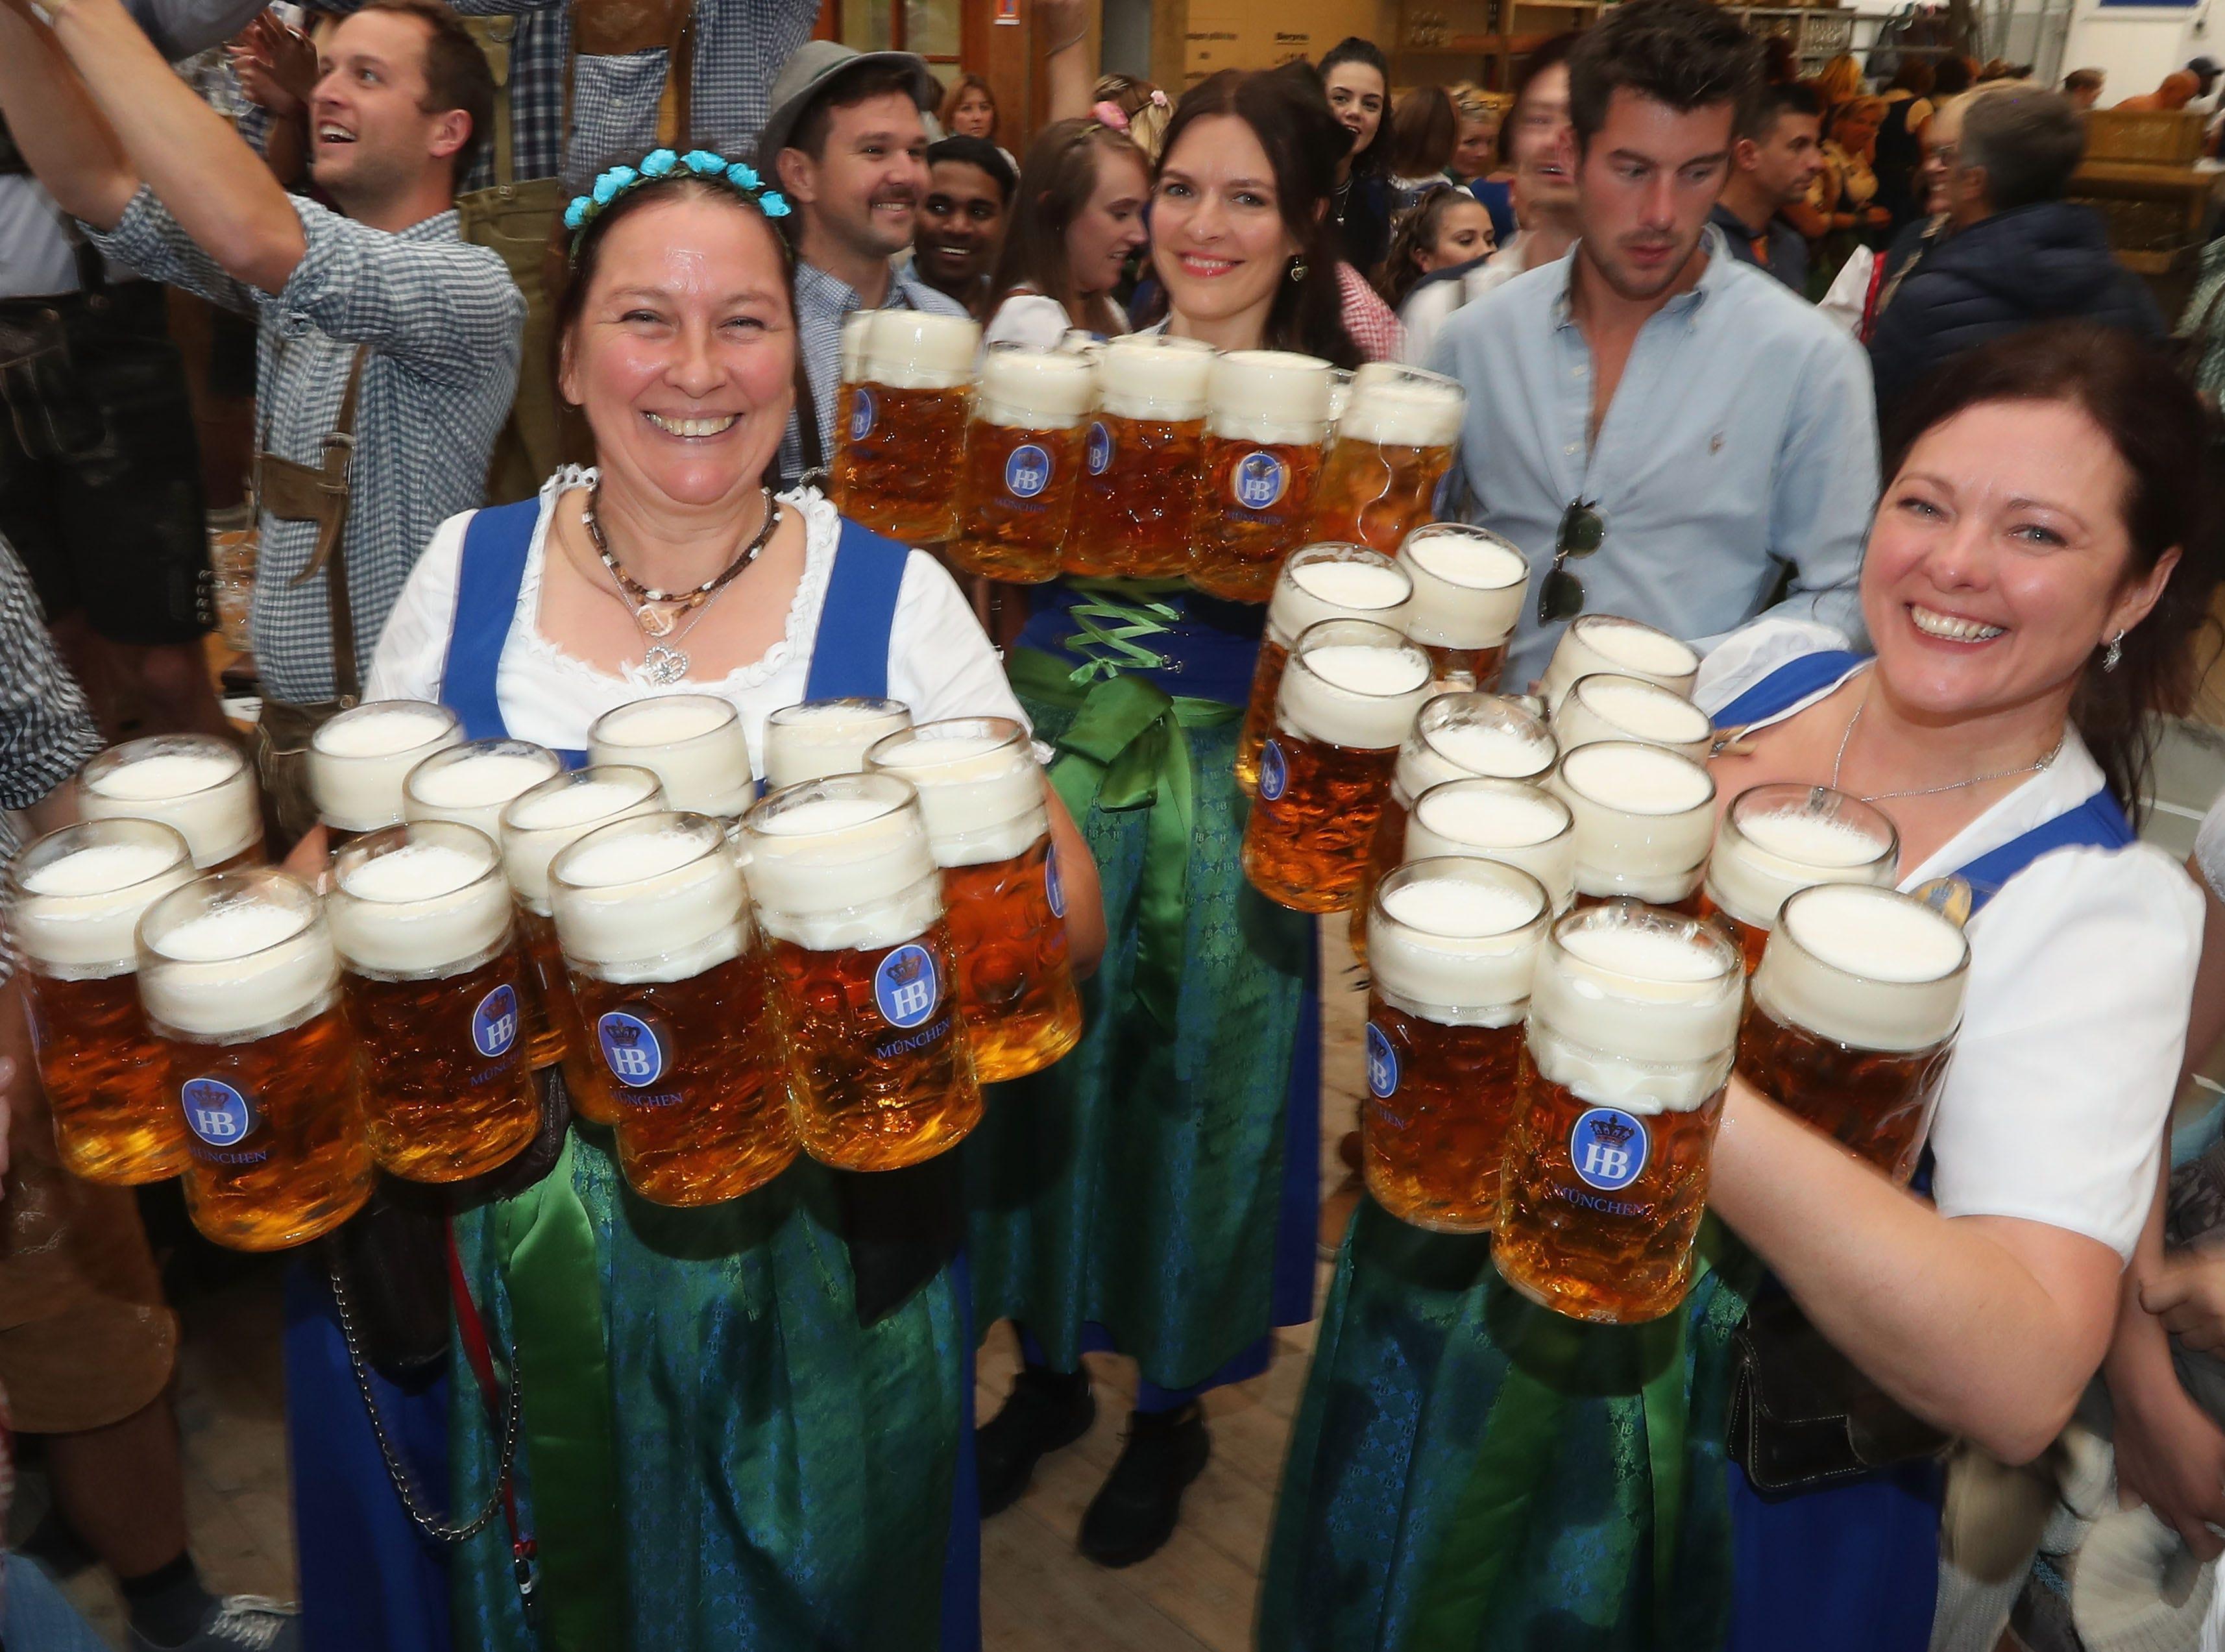 Waitresses carrying a dozen beer steins each.